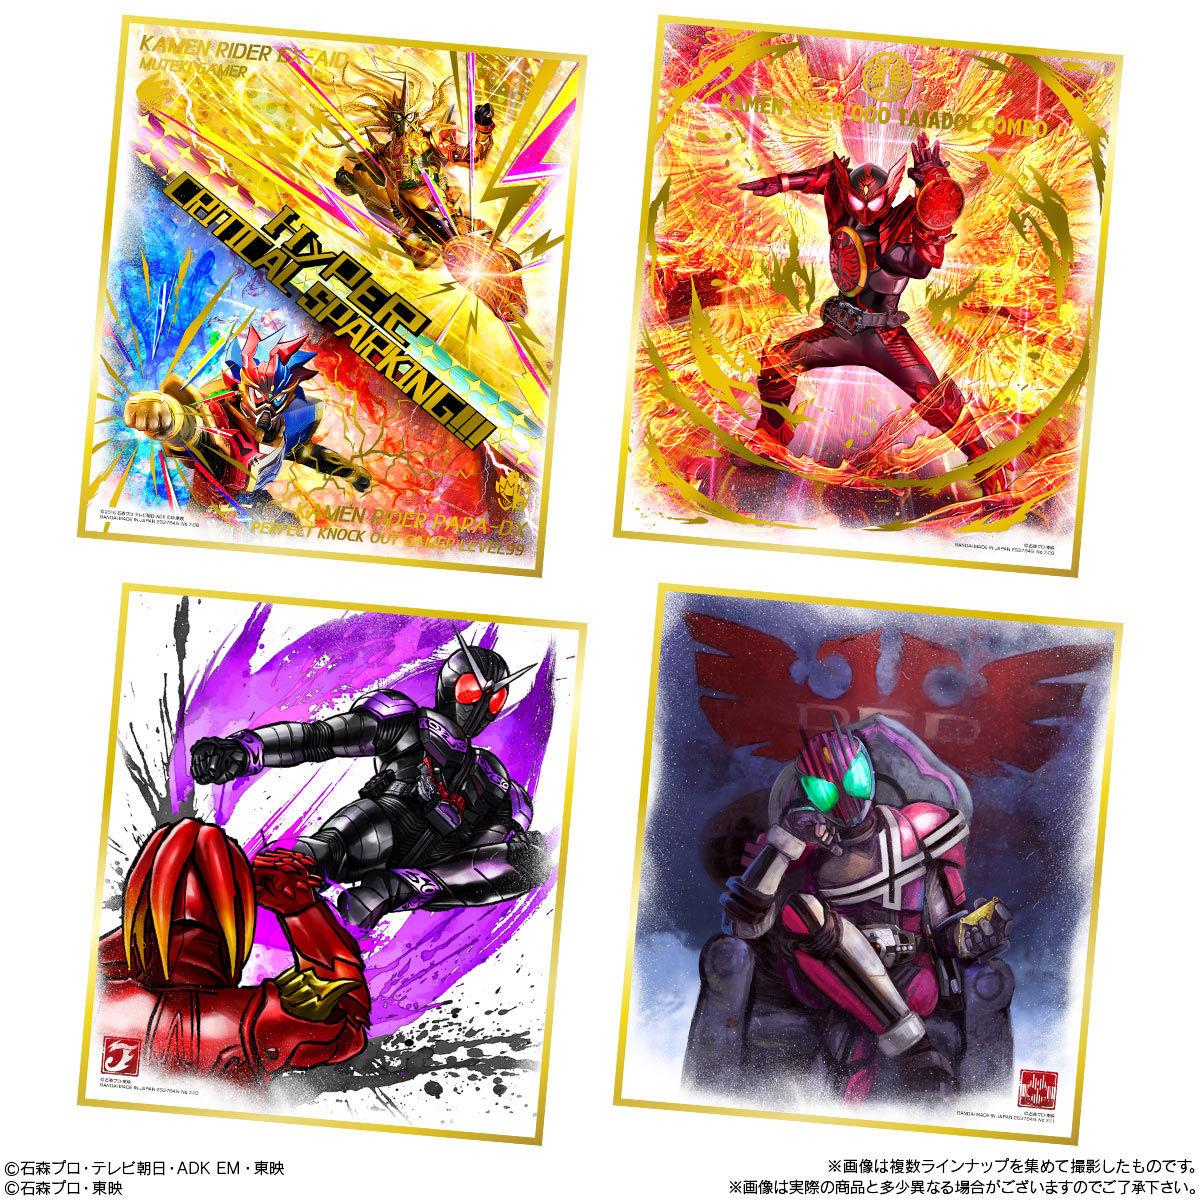 【食玩】『仮面ライダー 色紙ART7』10個入りBOX-005